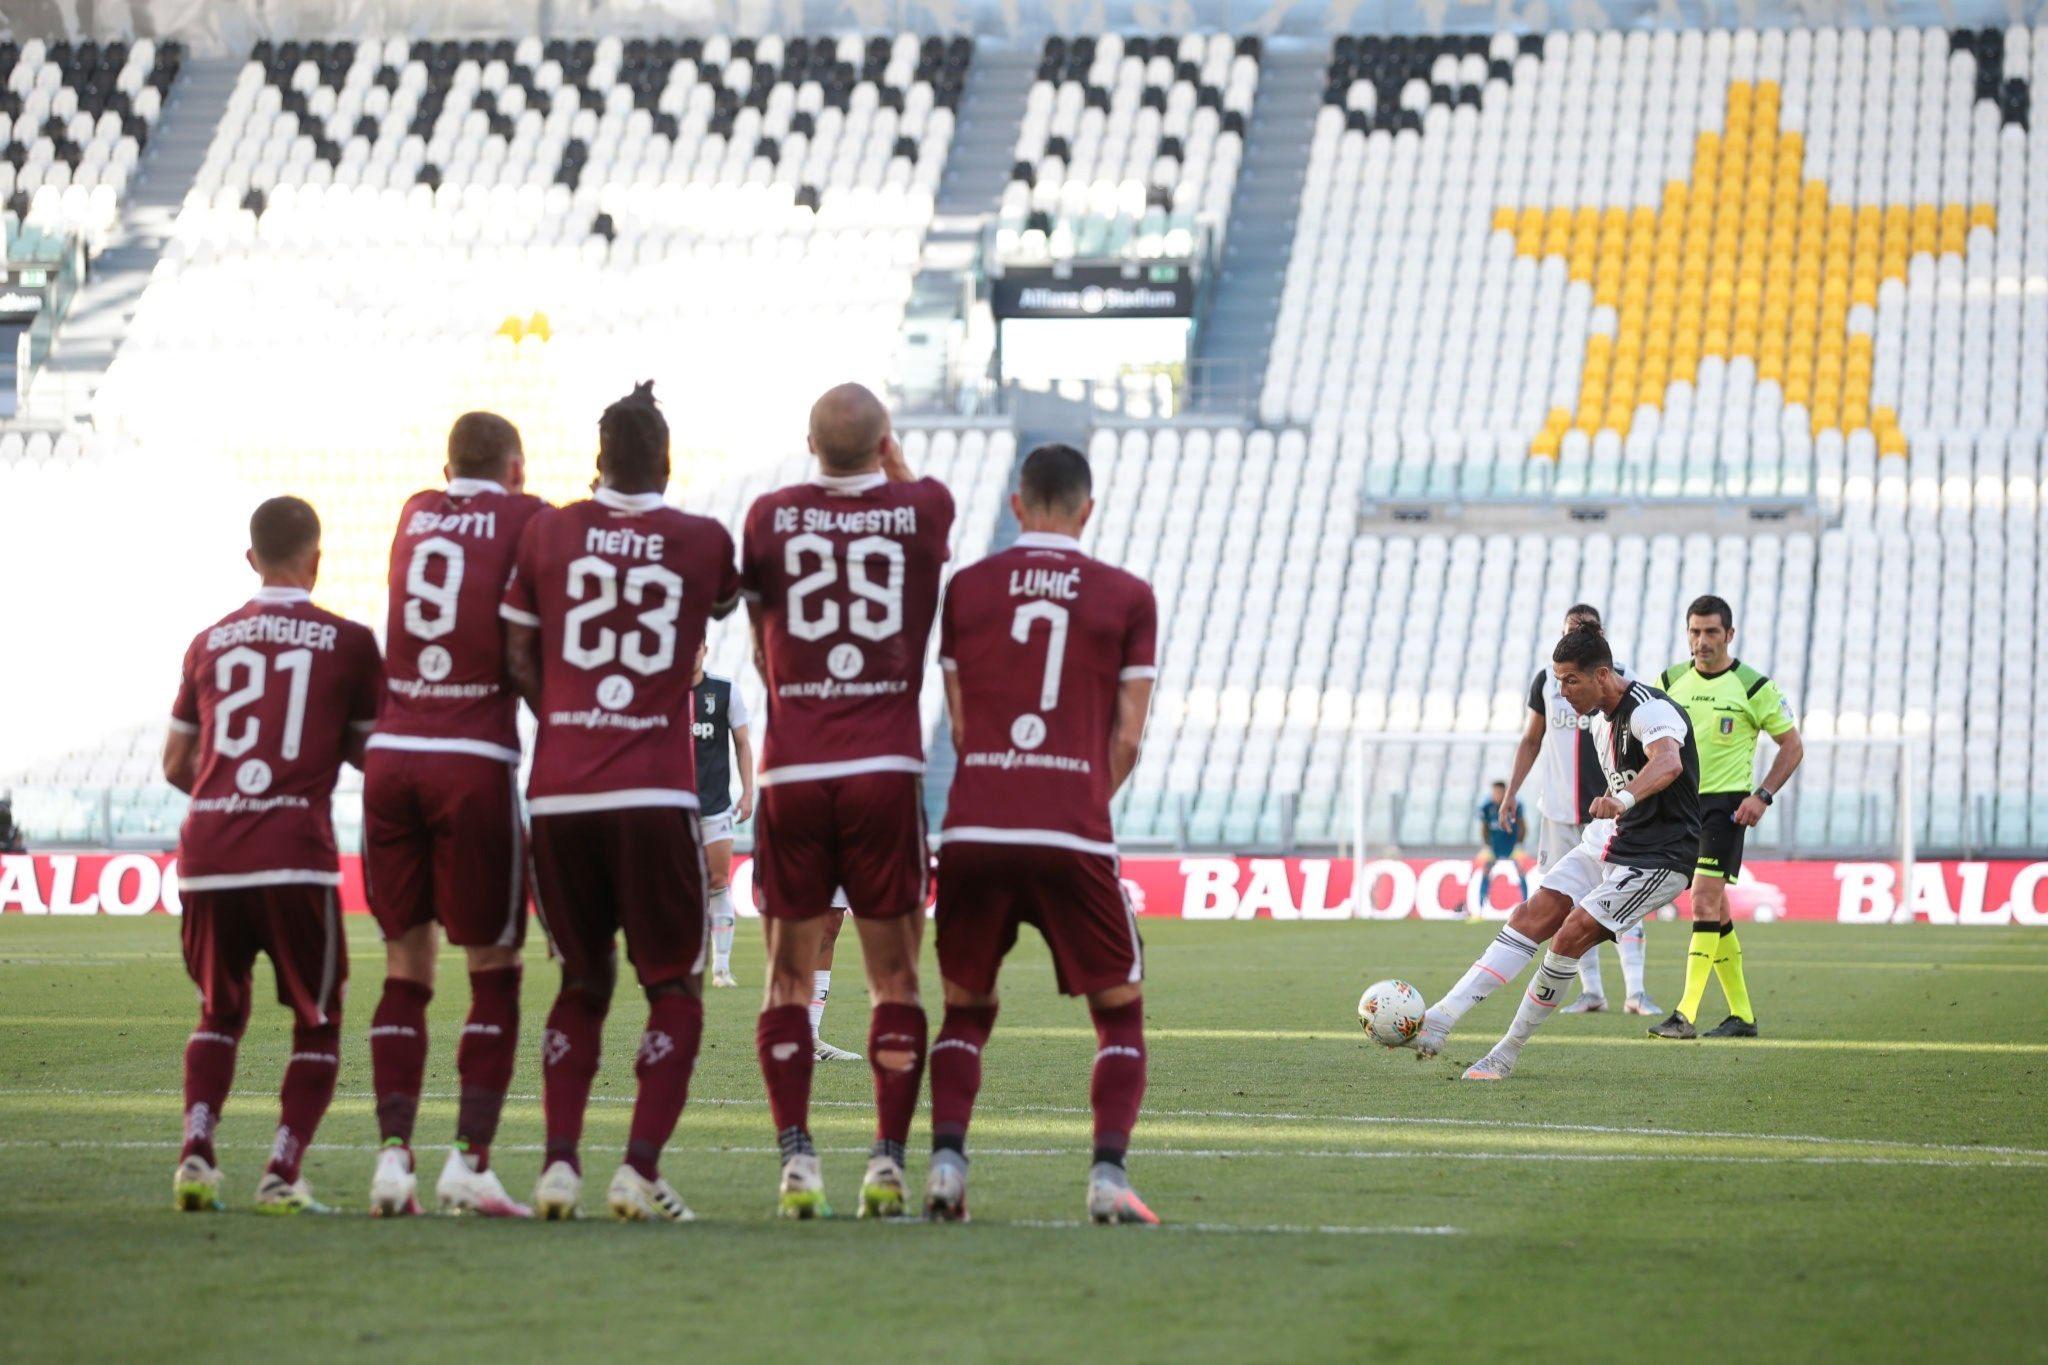 لحظة تسديد رونالدو كرة الهدف فى شباك تورينو